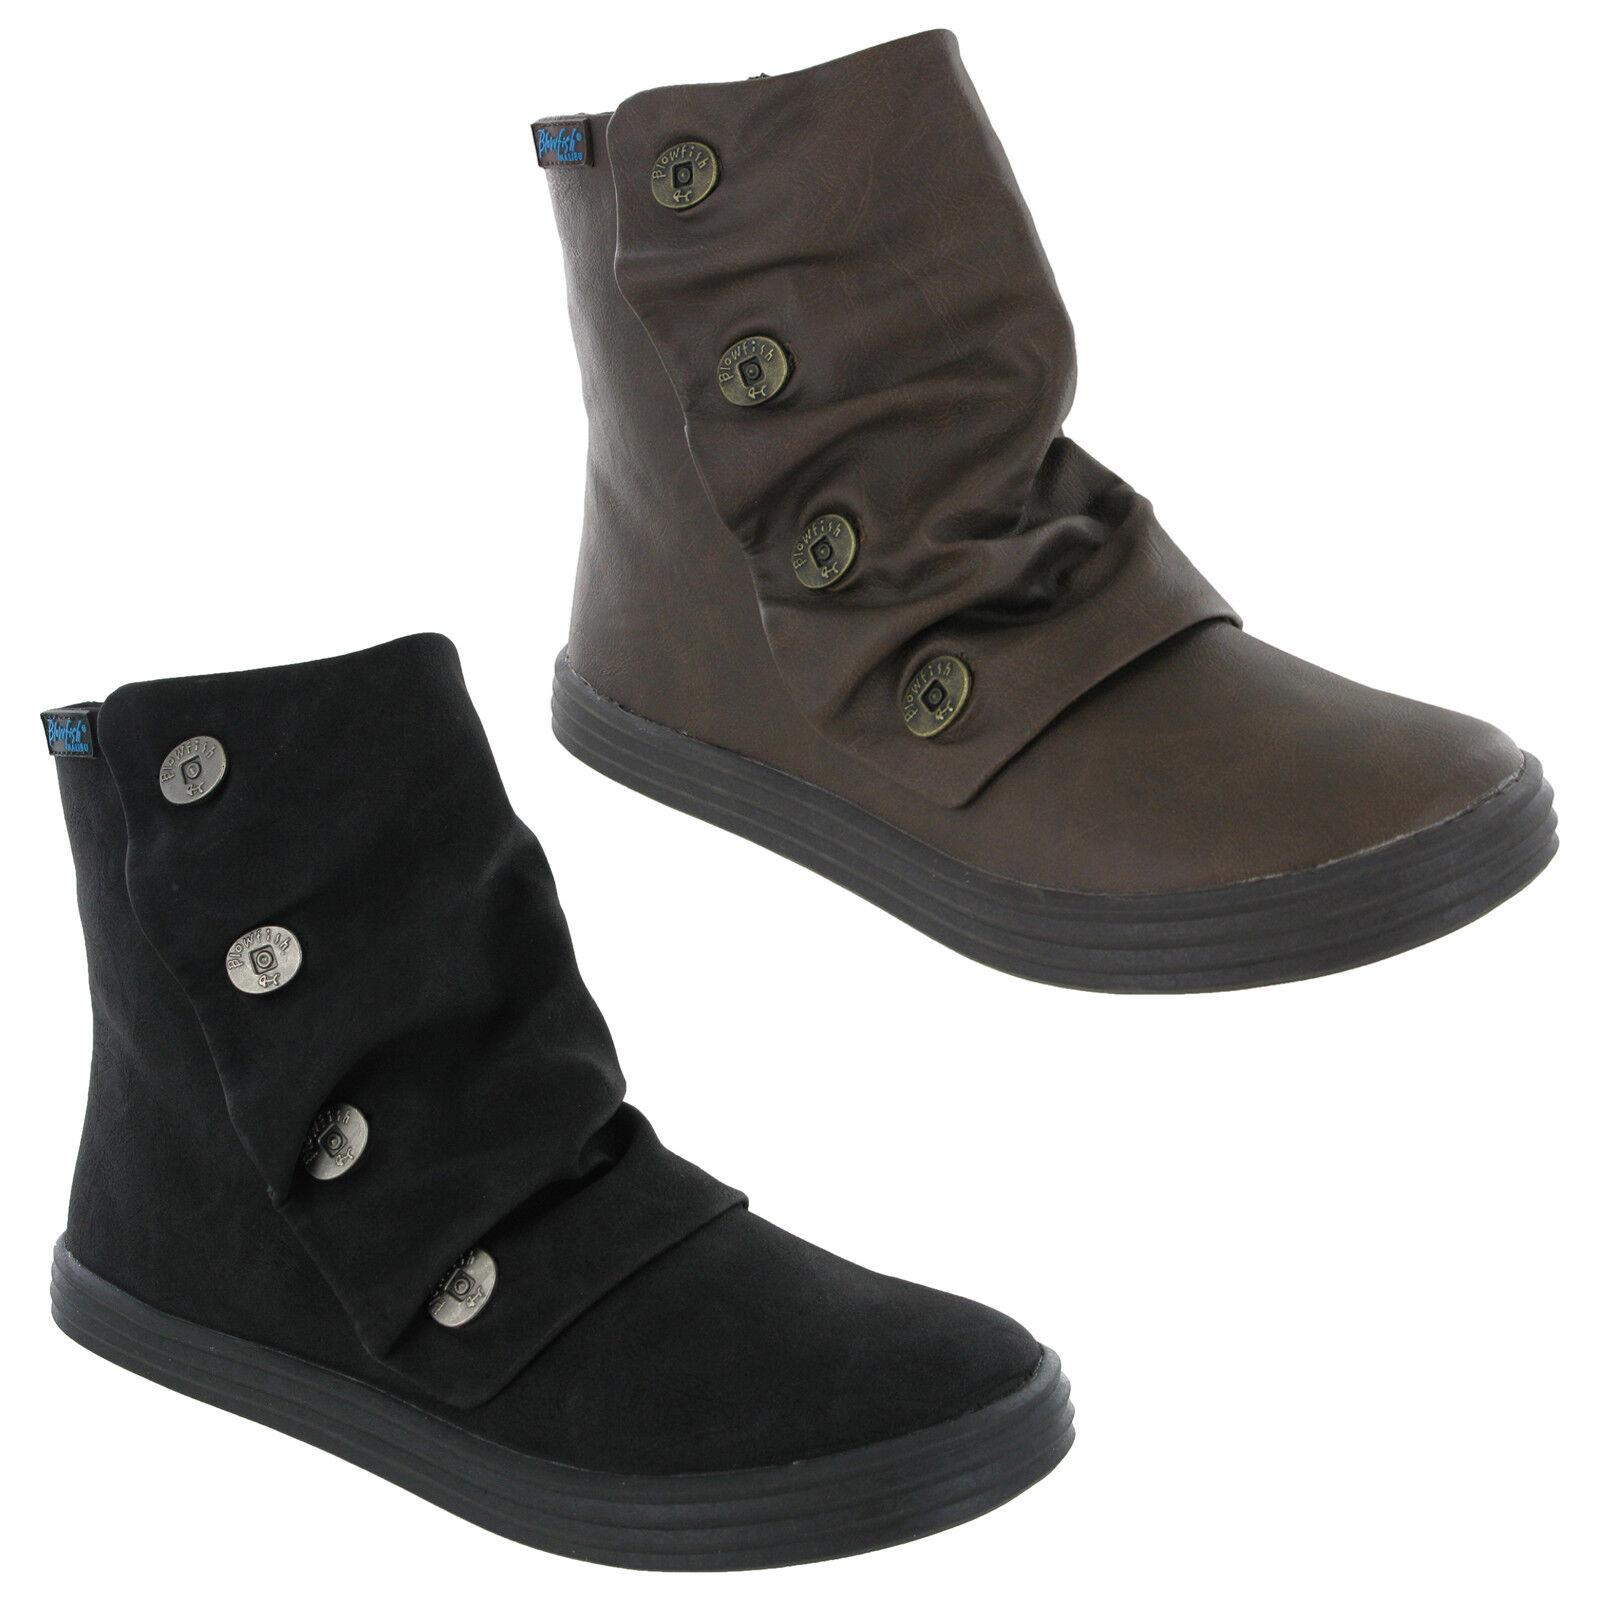 Blowfish Malibu Rabbit Boots Womens Ankle Button Detail Winter Shoes Flats c386c5d03738